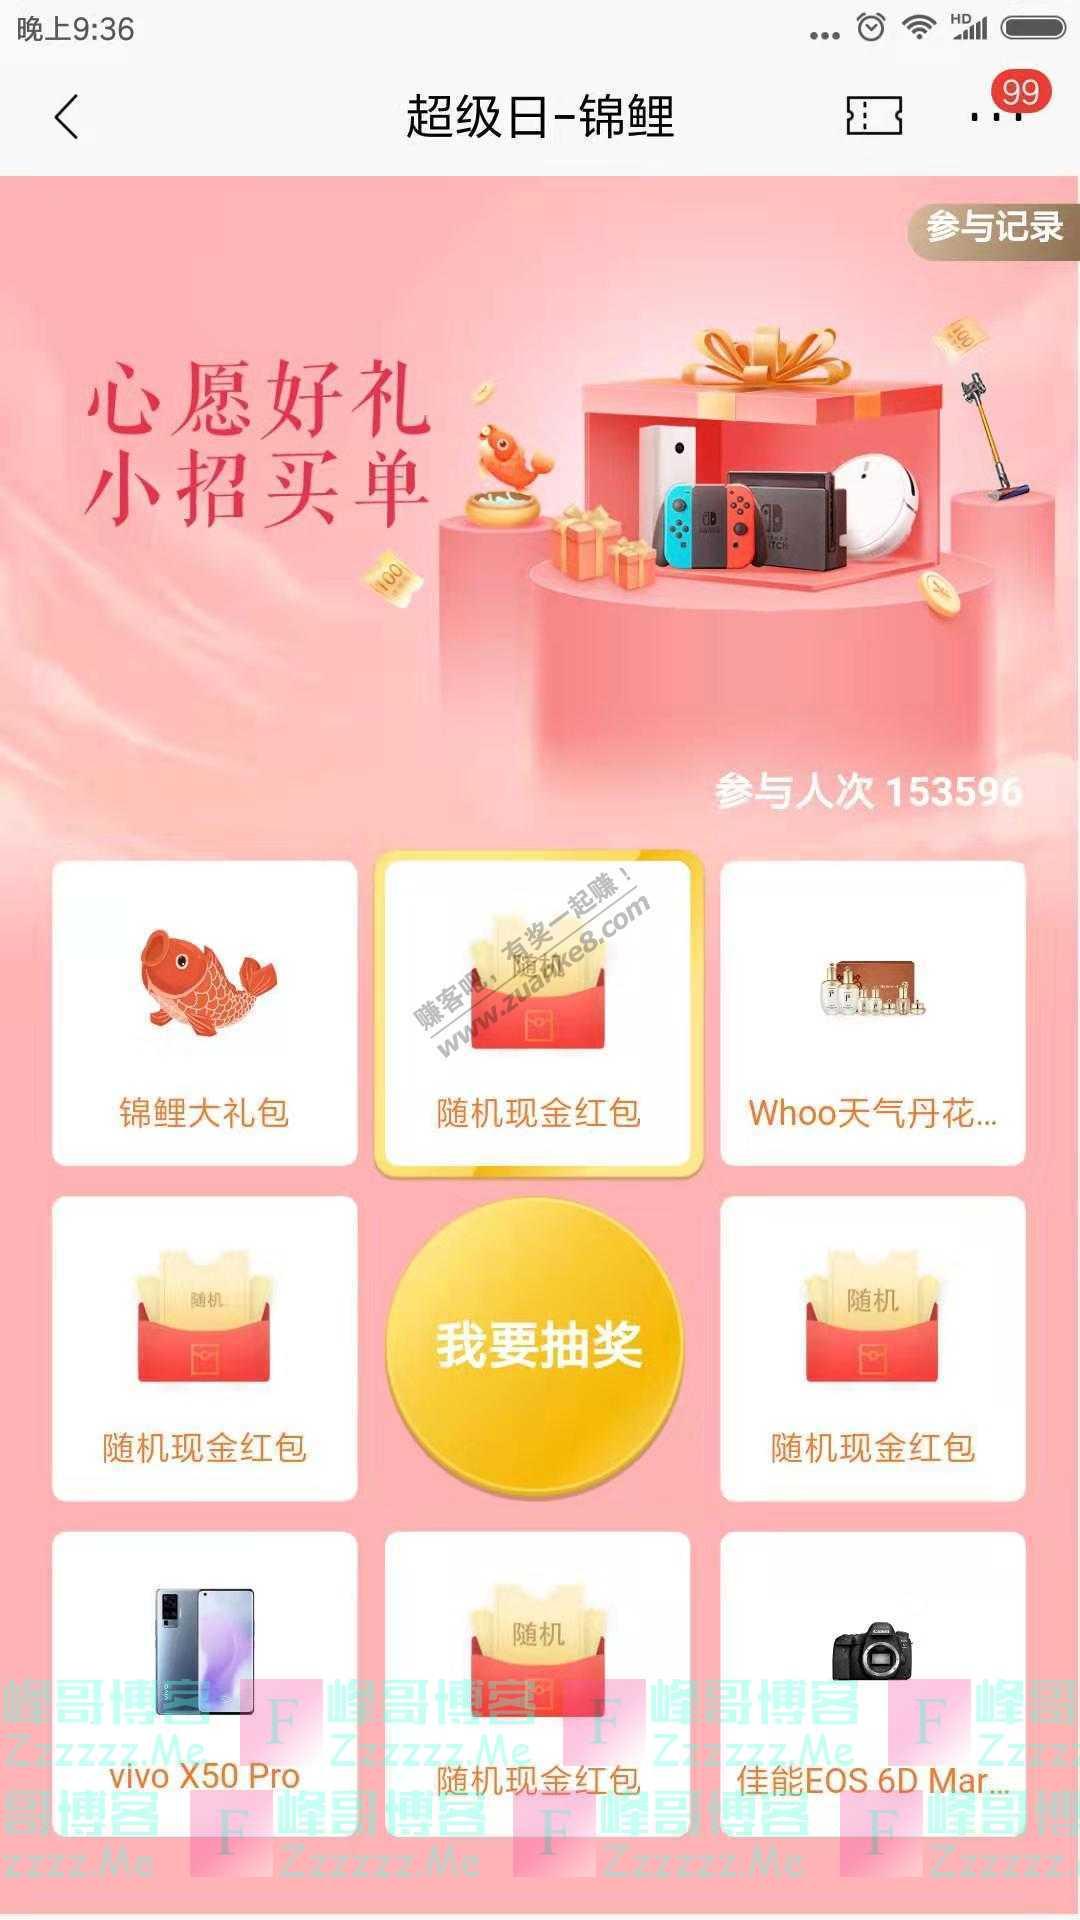 招商银行app超级日-锦鲤(截止12月5日)